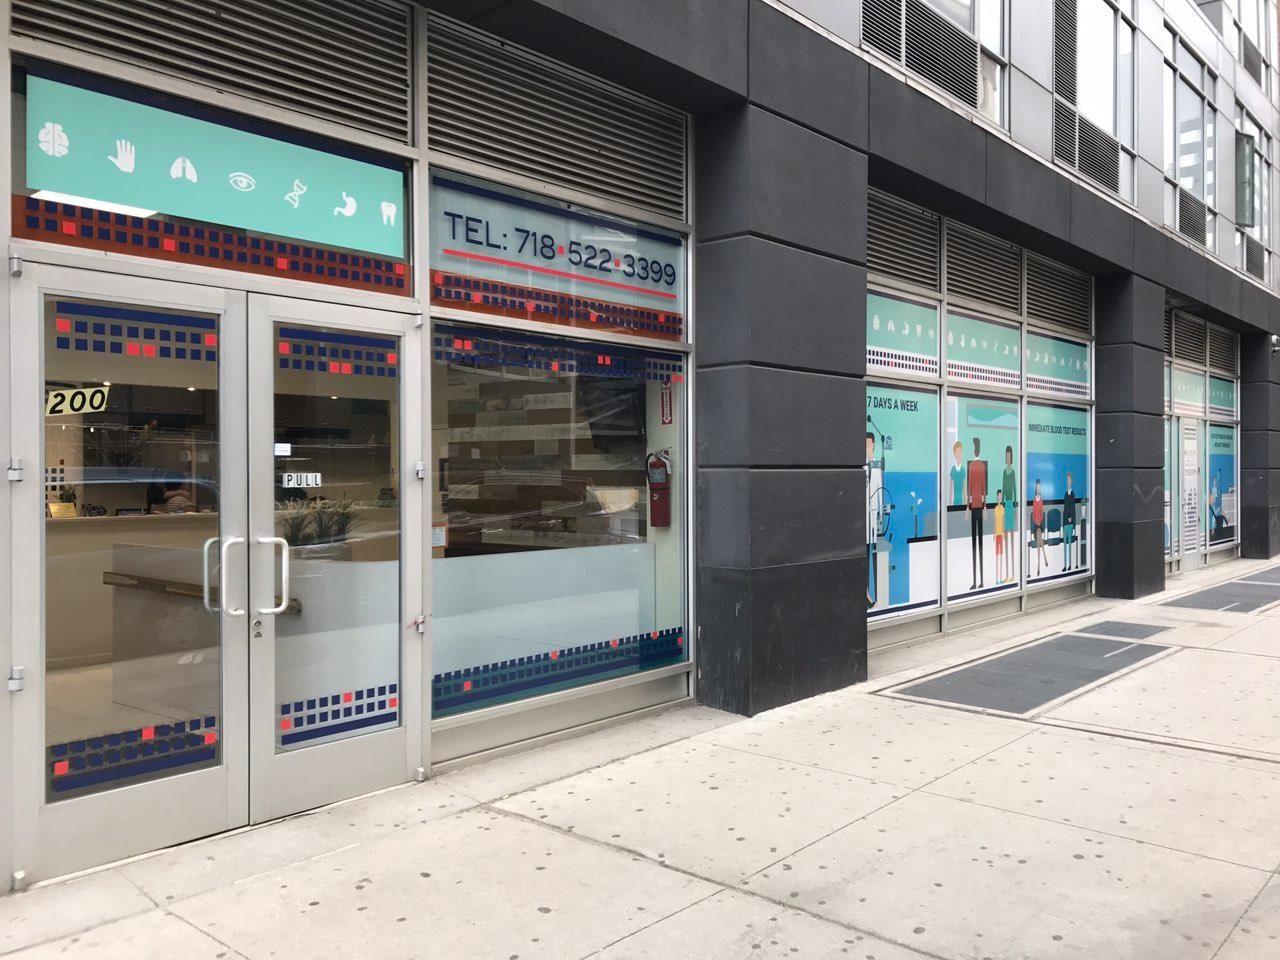 200 Livingston Street Brooklyn Ny 11201 718 522 3399 770 Flatbush Ave Brooklyn Ny 11226 347 627 3988 260 Ave X Broo Dental Center Medical Dental Dental